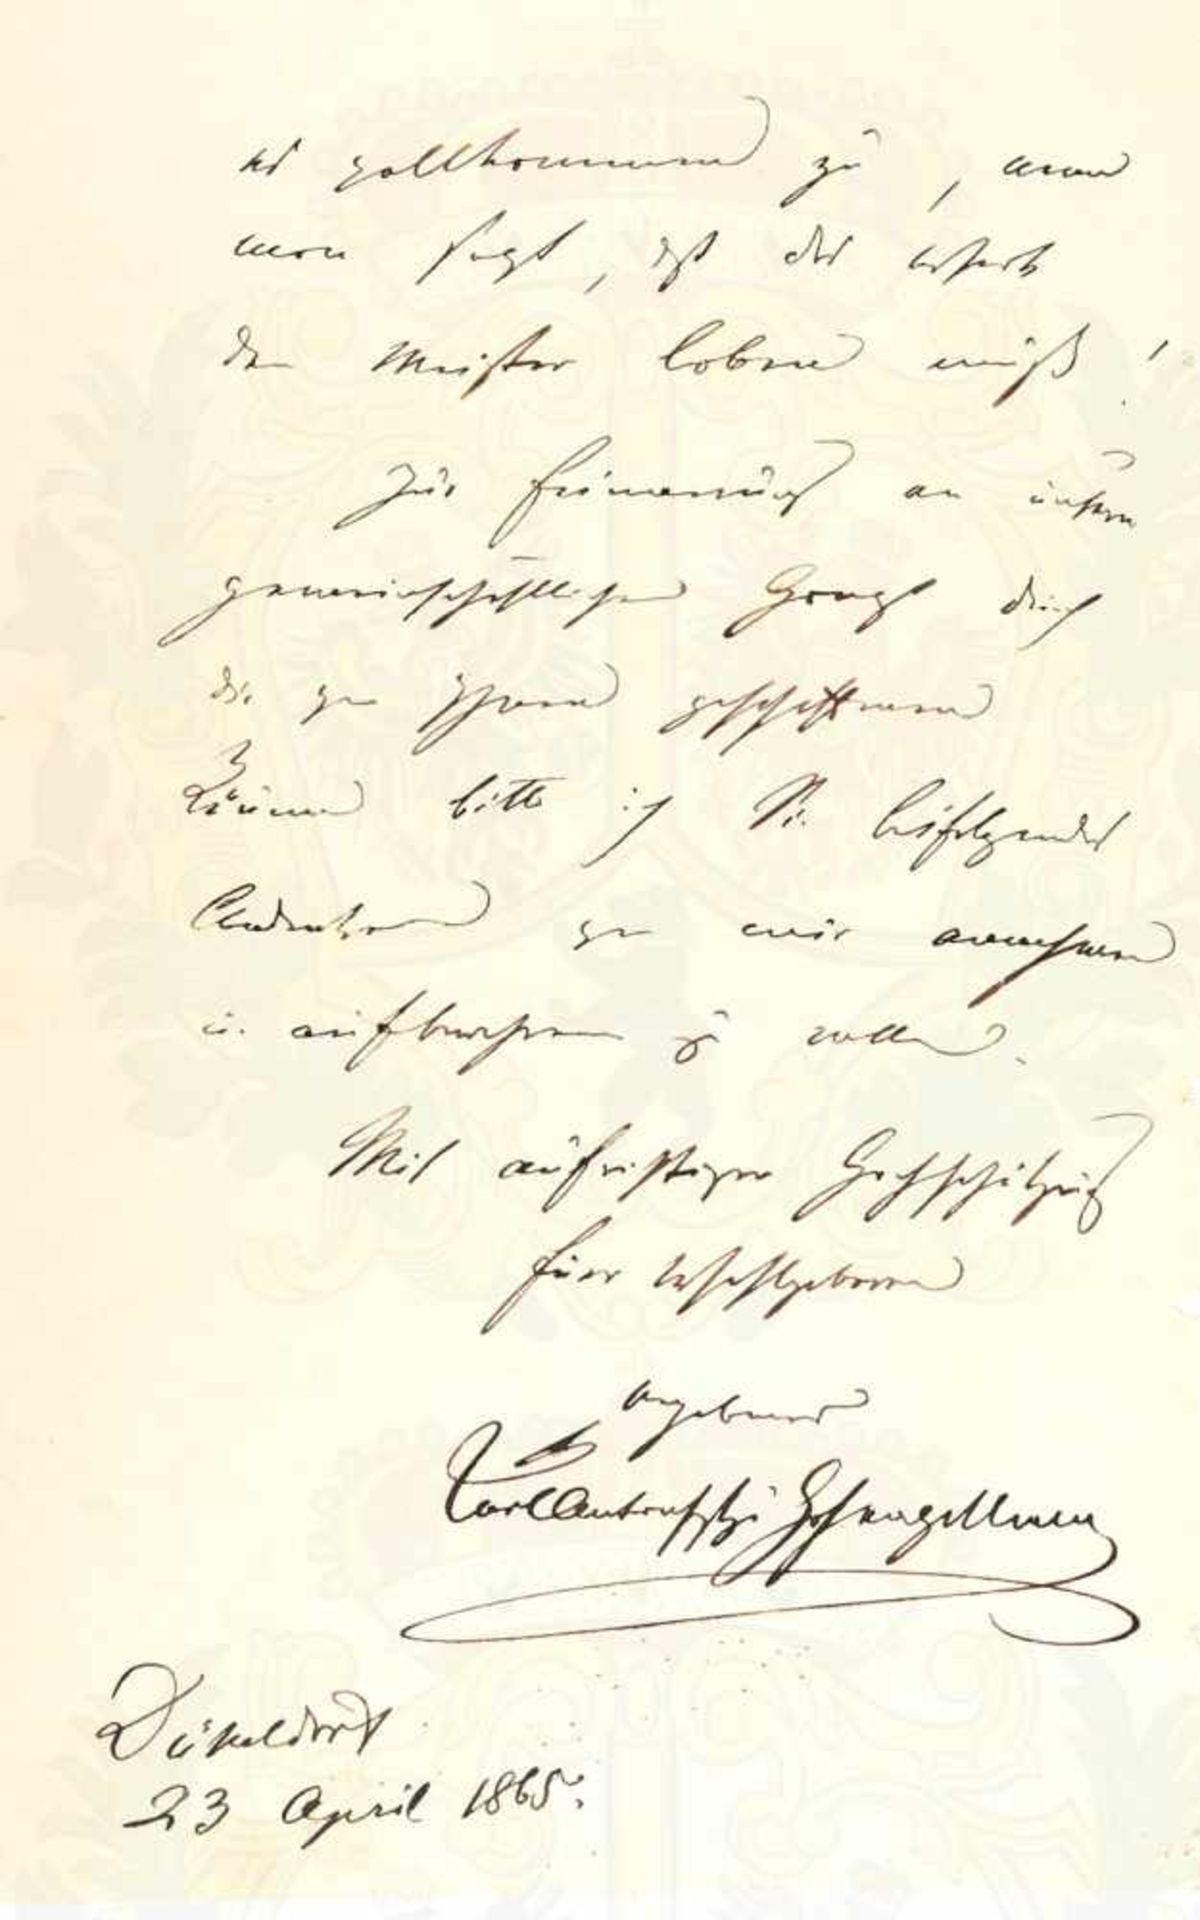 KARL ANTON FÜRST VON HOHENZOLLERN-SIGMARINGEN, (1811-1885, preuß. Ministerpräsident, Vater König